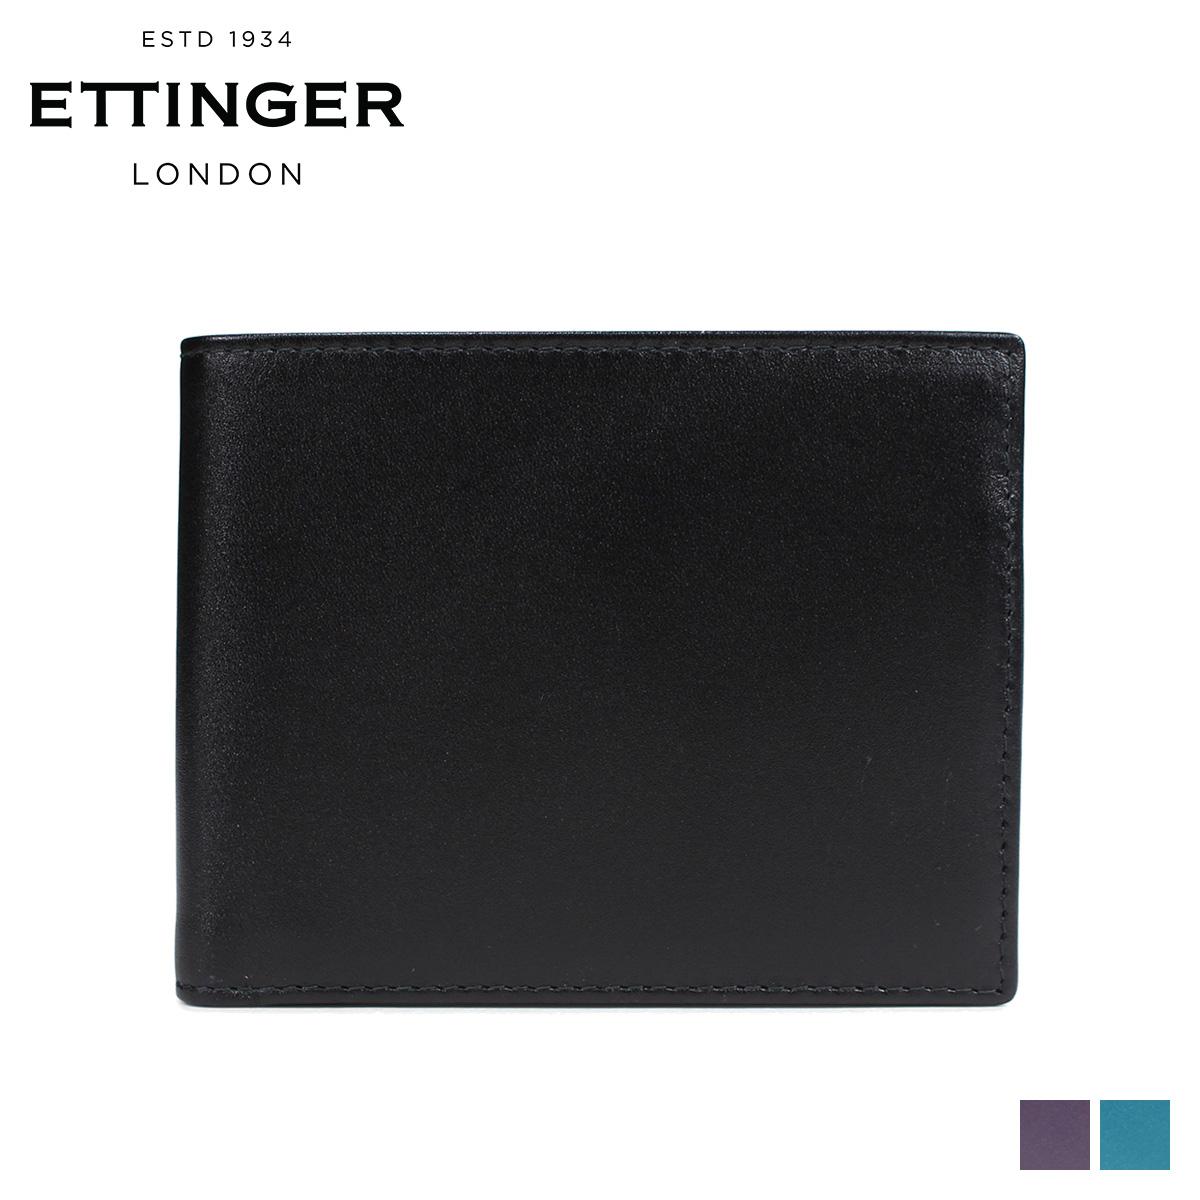 ETTINGER エッティンガー 財布 二つ折り メンズ 本革 STERLING BILLFOLD WITH 3 C/C & PURSE ブラック 黒 ST141JR